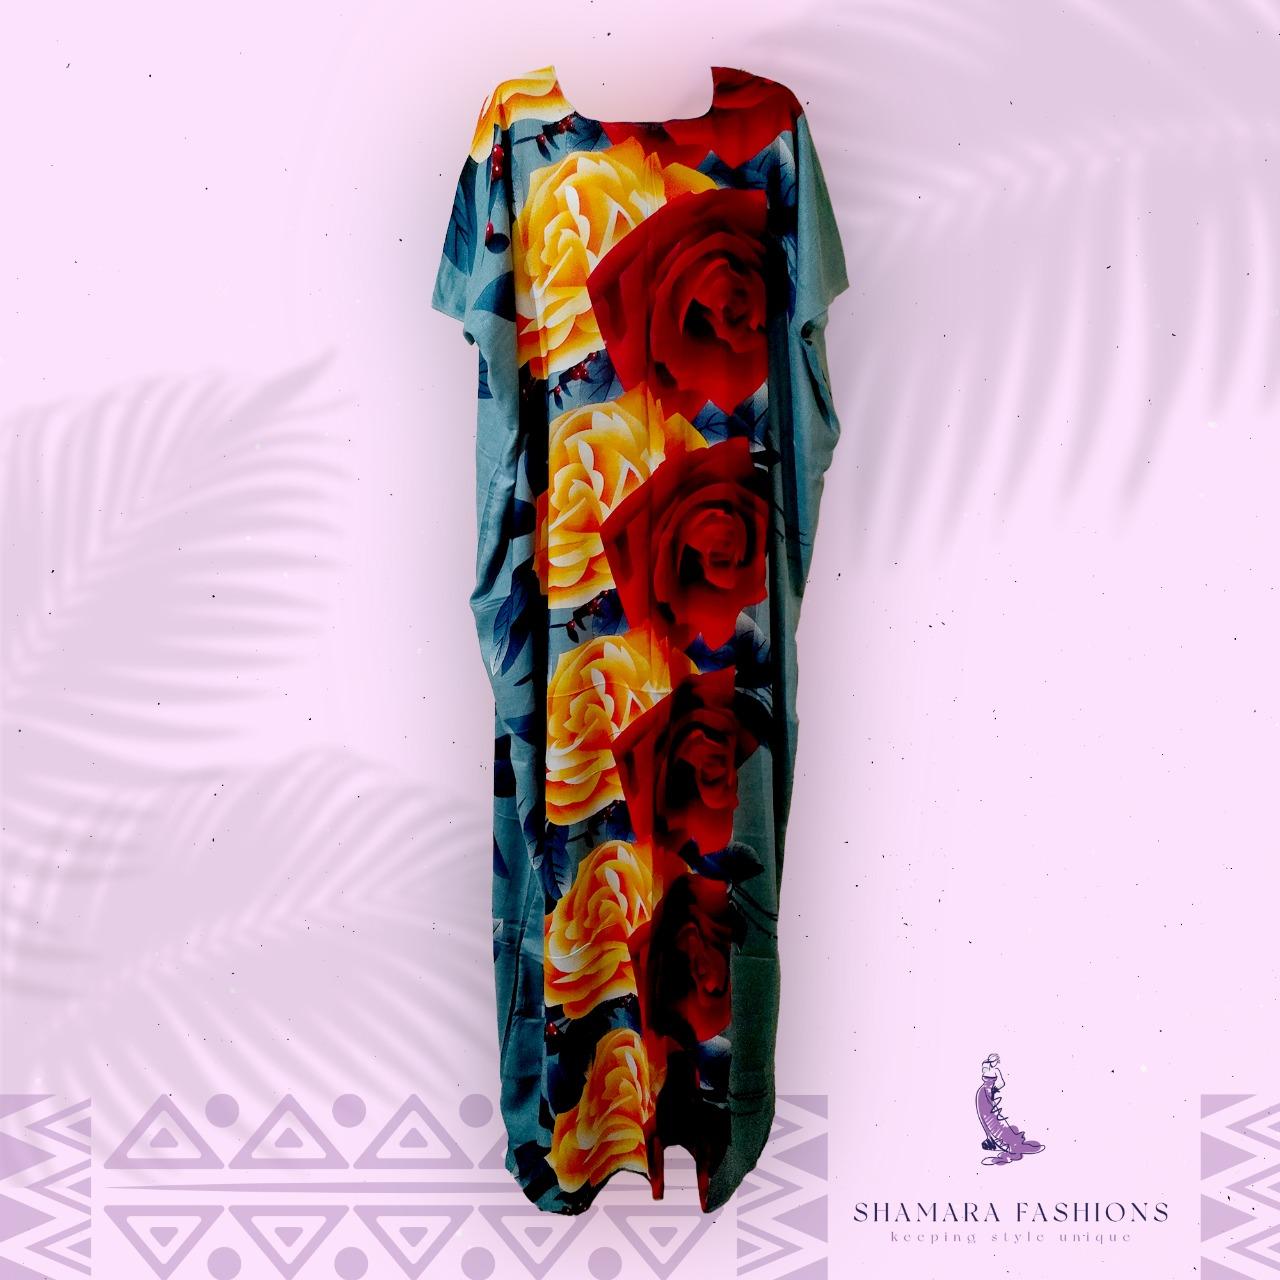 Shamara Fashions - Deras (3)